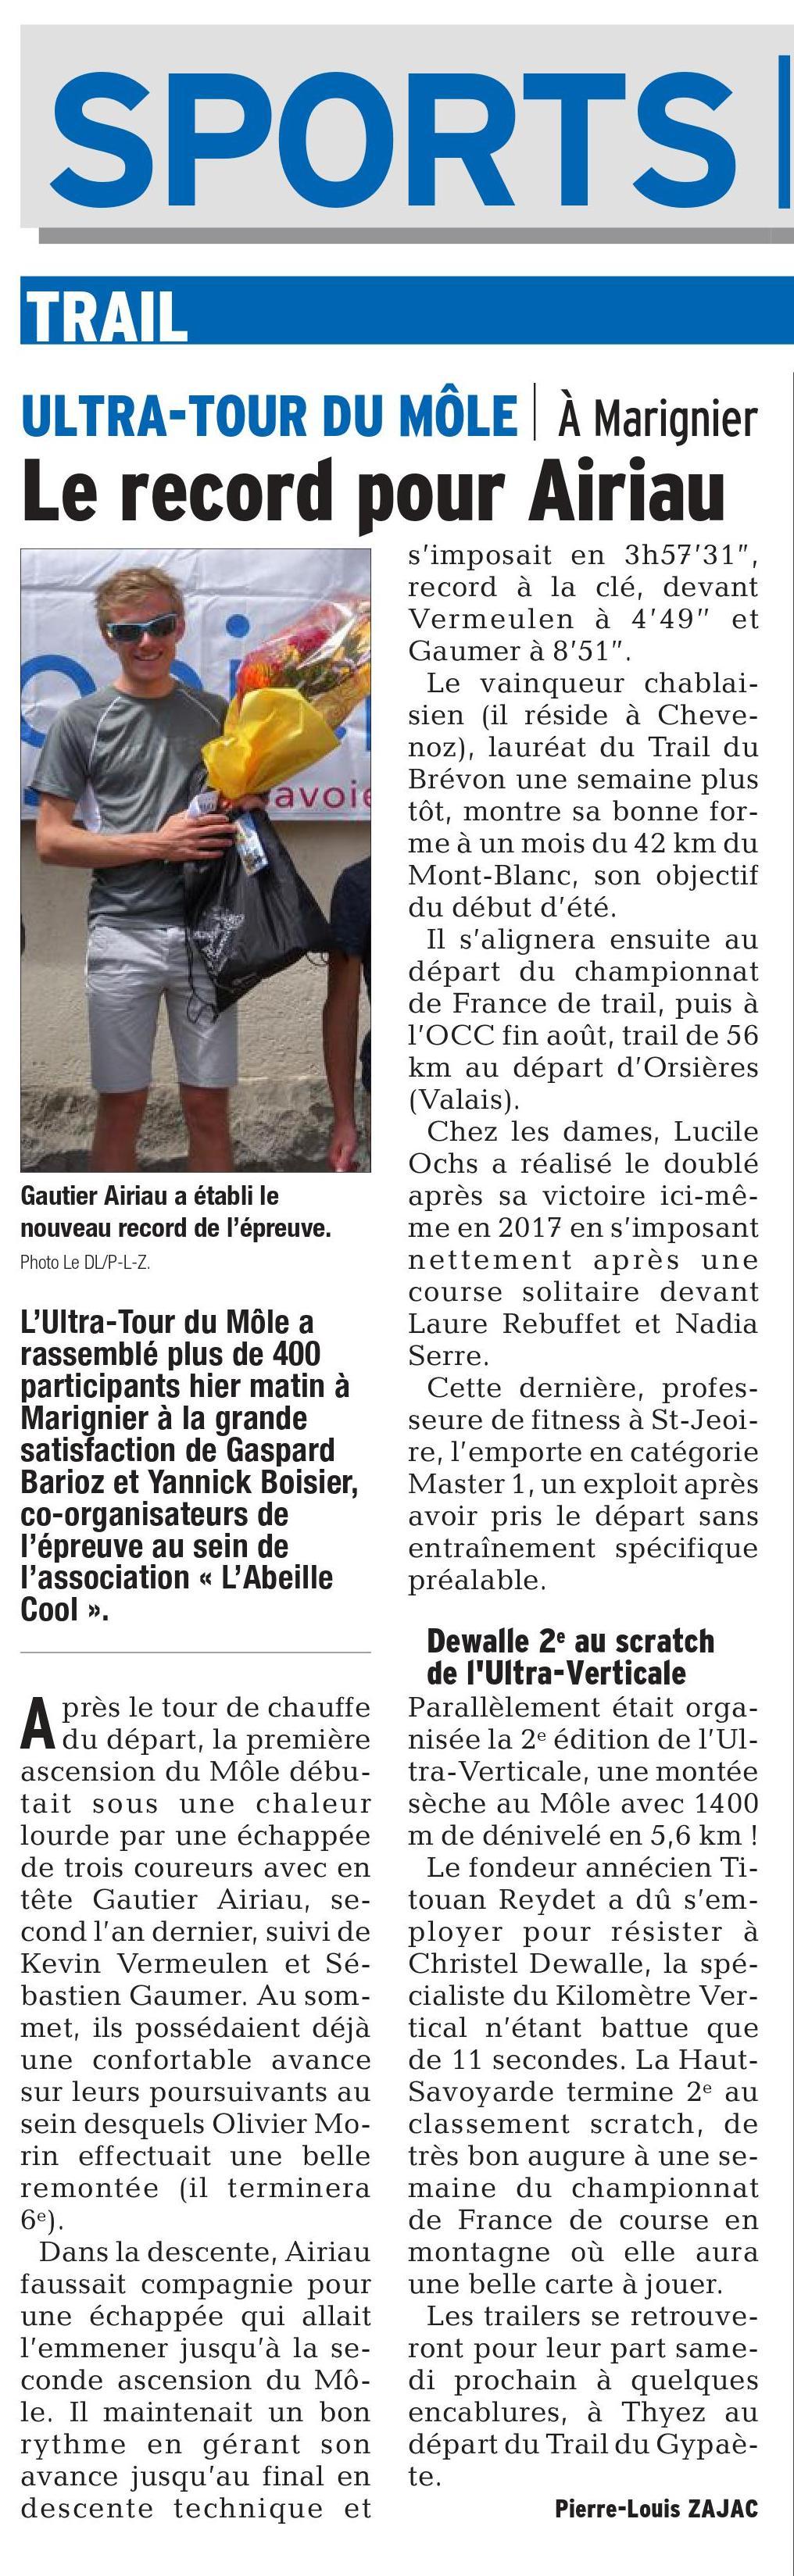 0001 2 - RESULTATS DE L'ULTRA TOUR DU MOLE 27-05-2018